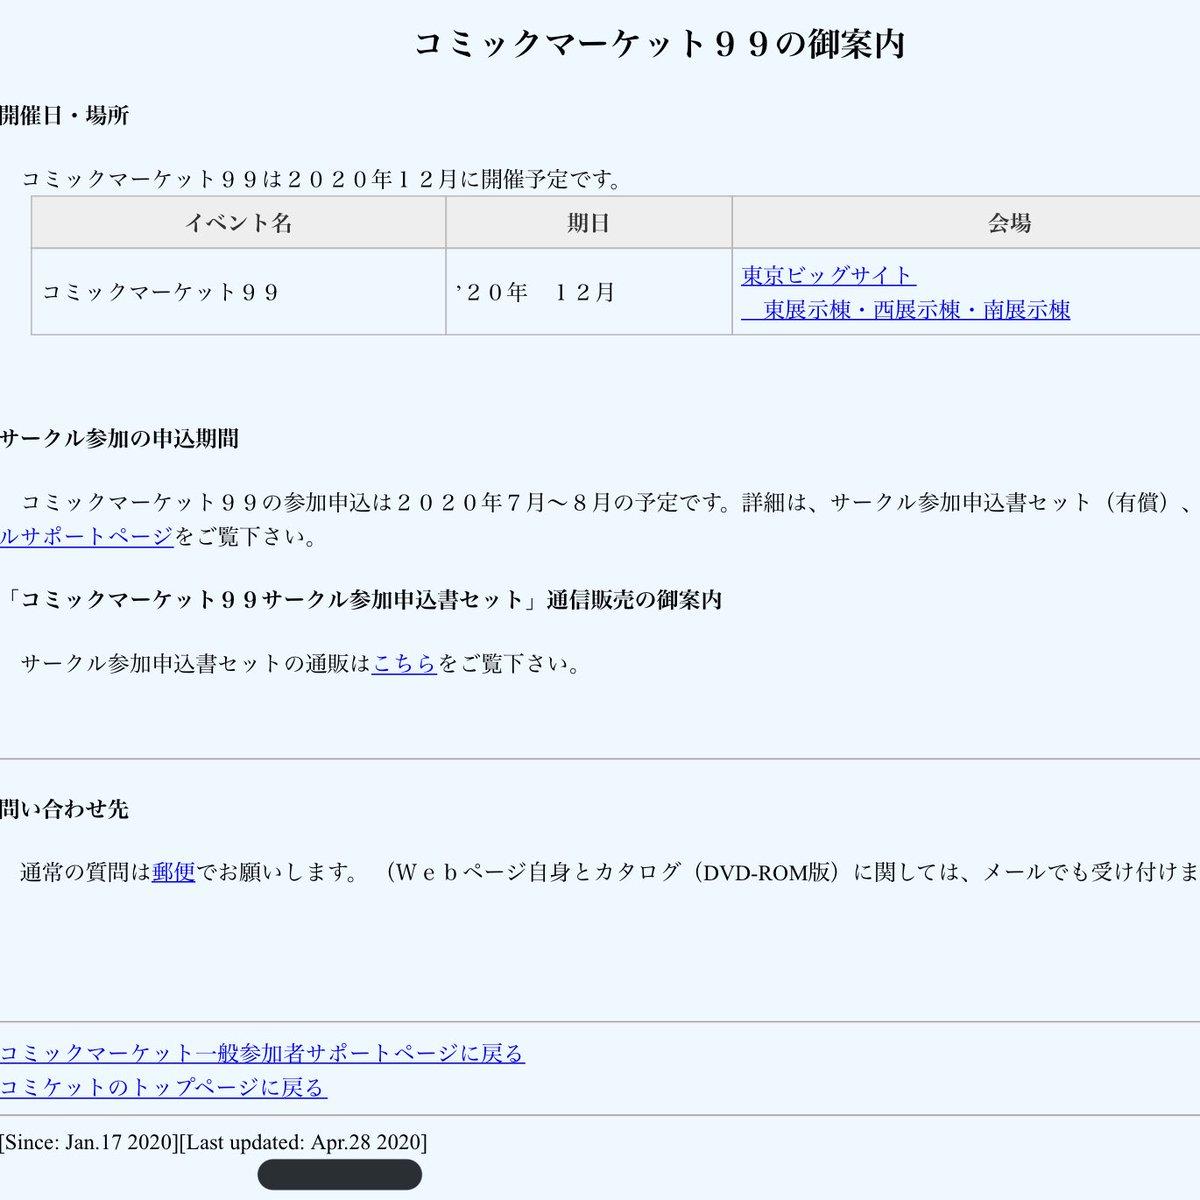 今RTで回ってきたコミケ99開催が告知されてるページ、最終更新が2020/4/28のままなので、開催が確定したというわけではないかもです